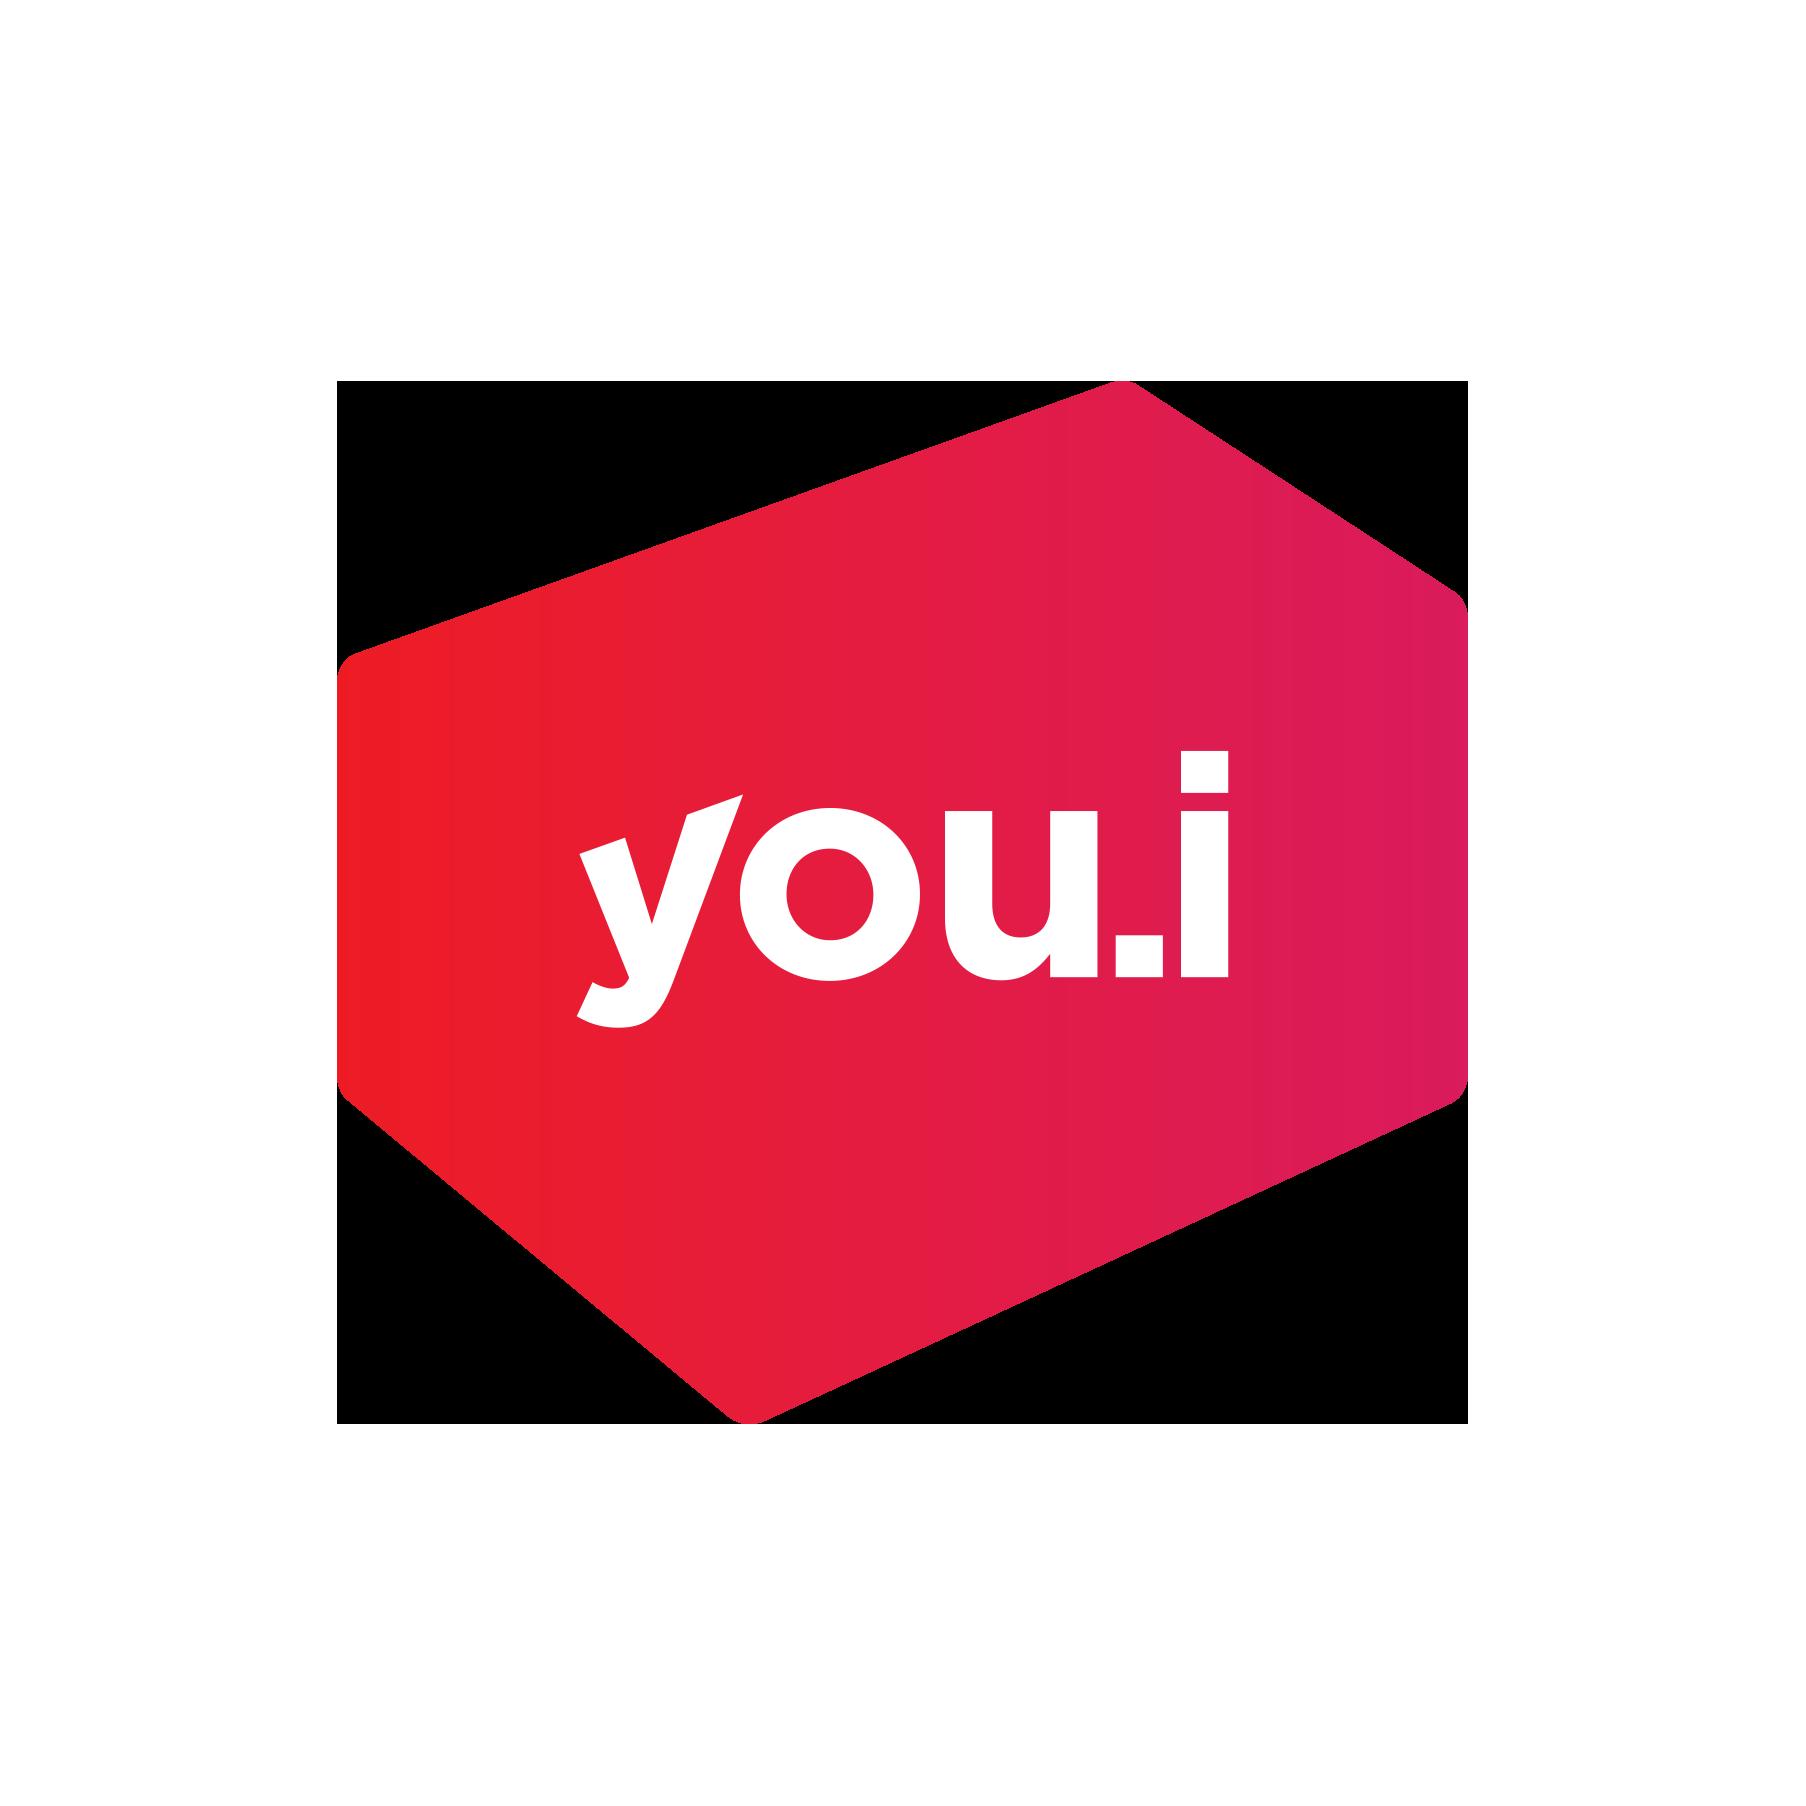 You.i